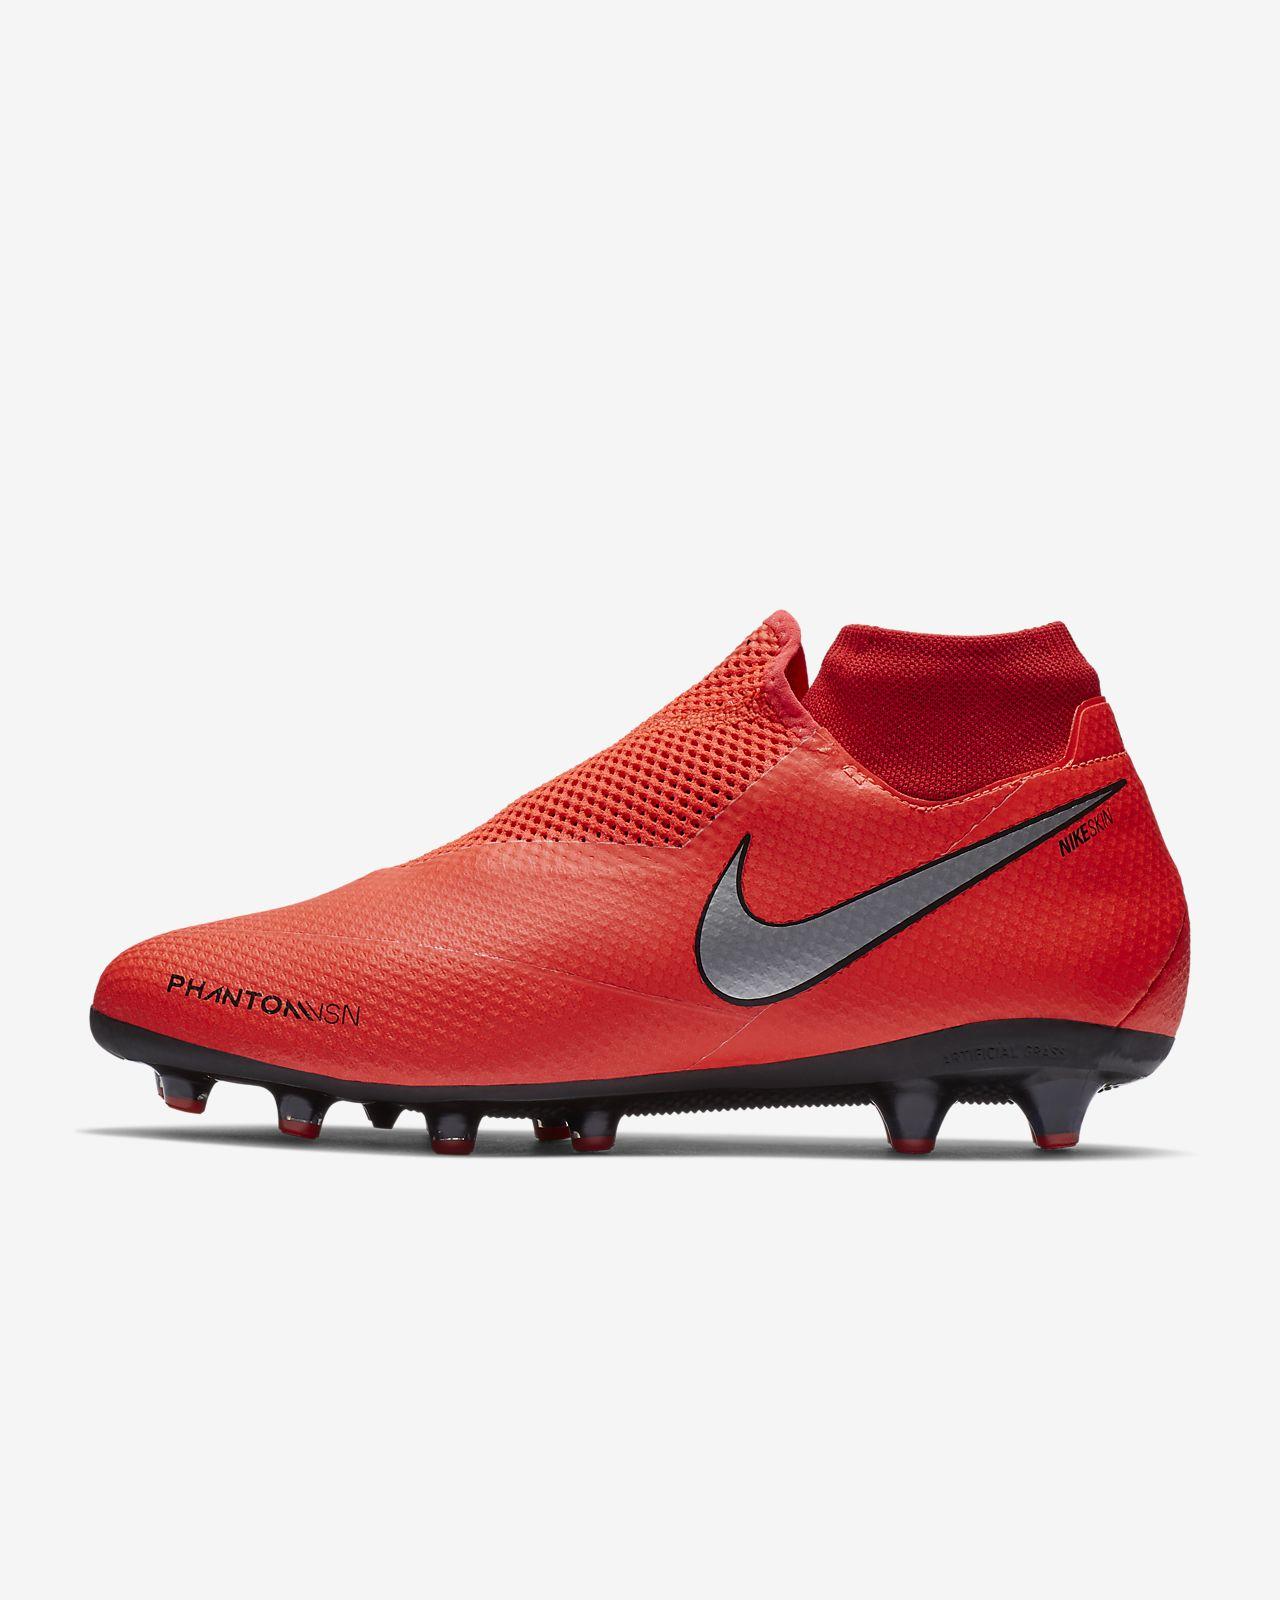 wholesale dealer e77a3 6cd37 ... Chaussure de football à crampons pour terrain synthétique Nike Phantom  Vision Pro Dynamic Fit AG-